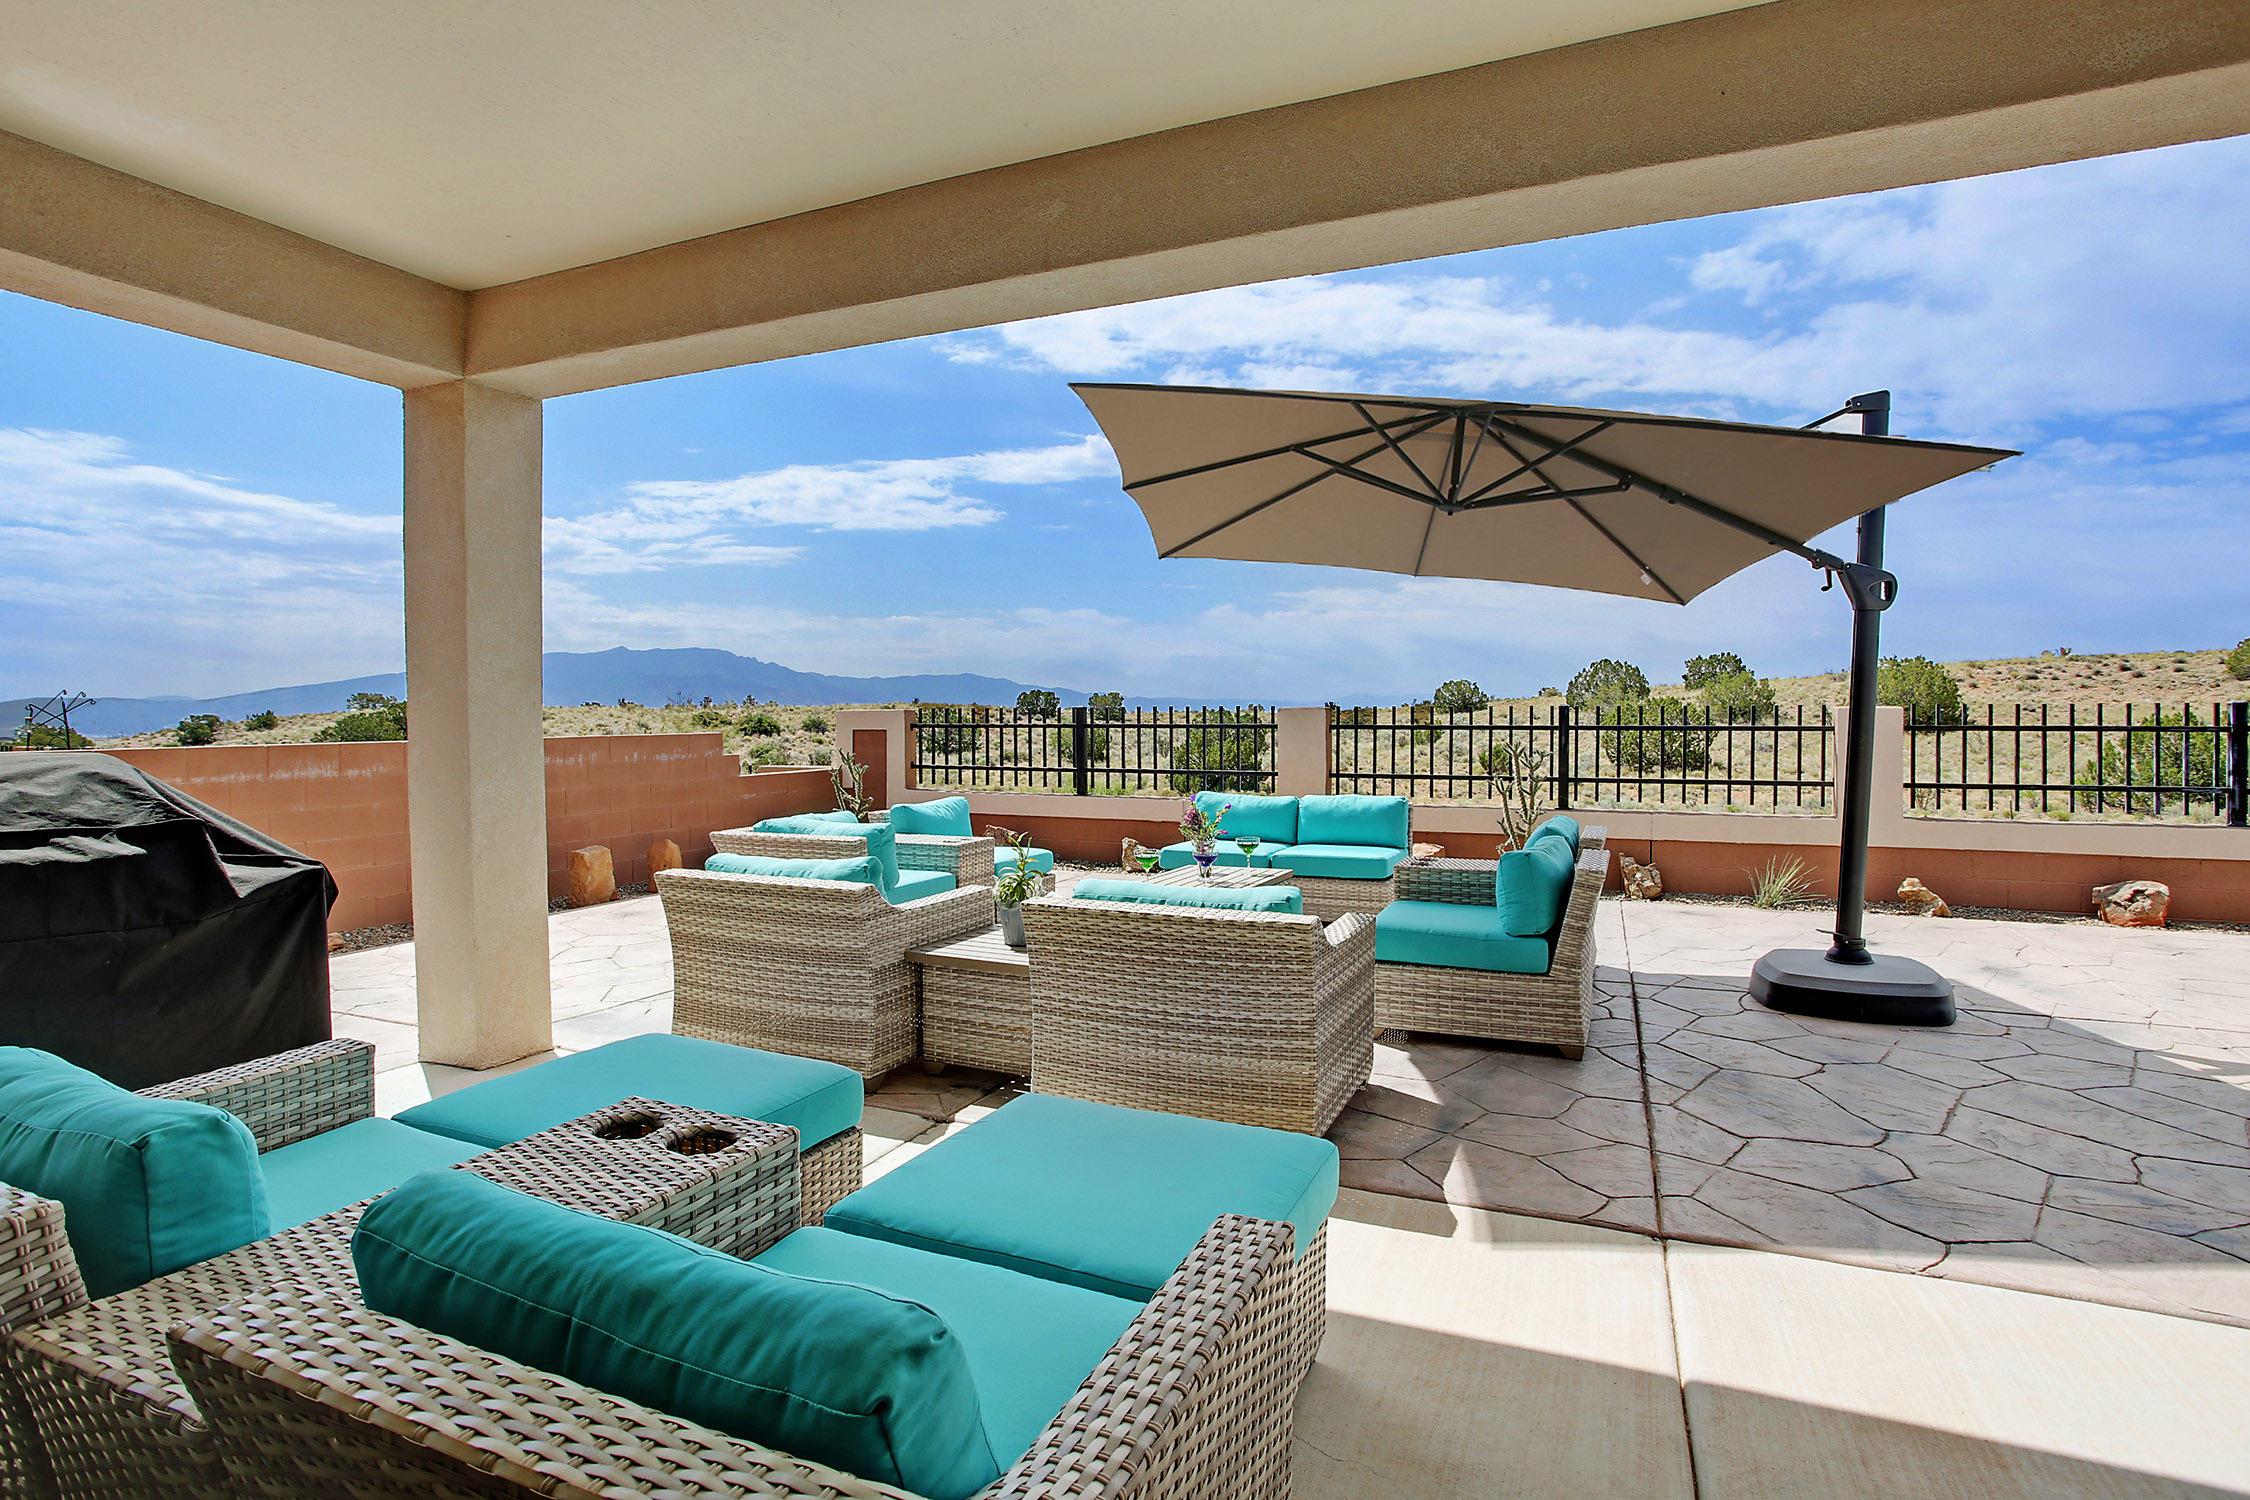 1915 CASTLE PEAK Loop NE, Rio Rancho, NM 87144 - Rio Rancho, NM real estate listing